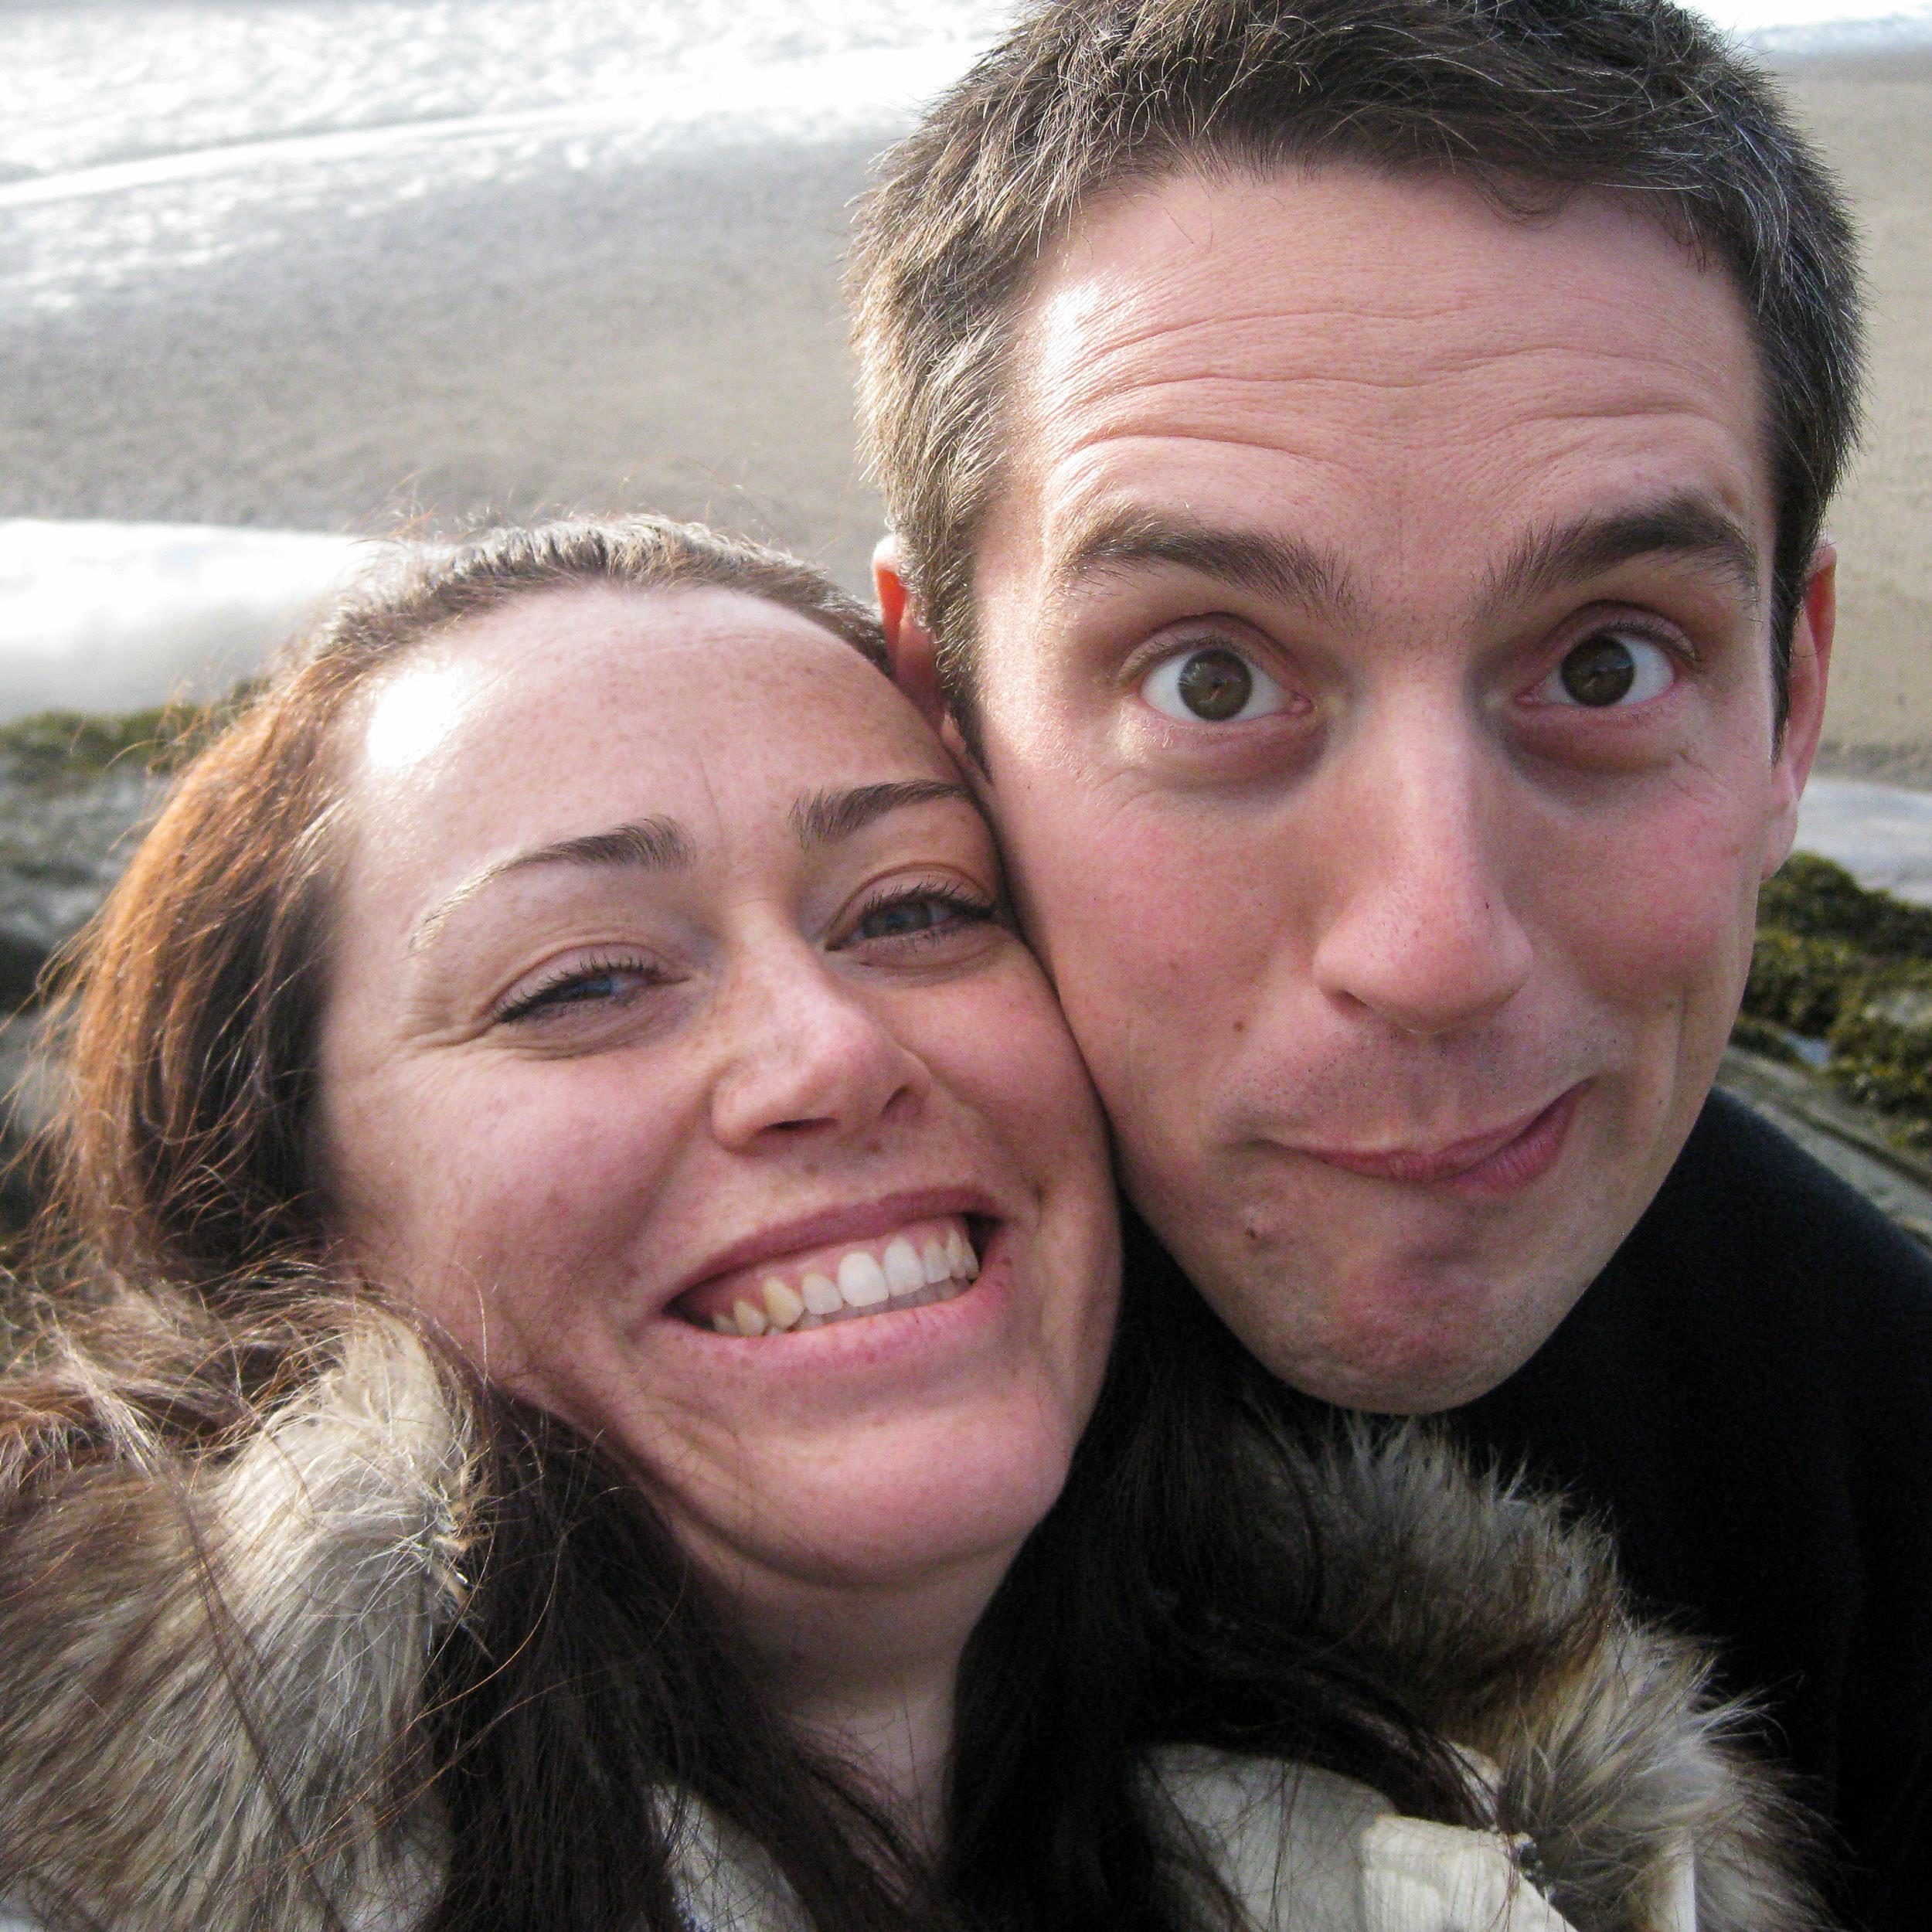 woman and man making faces at the camera